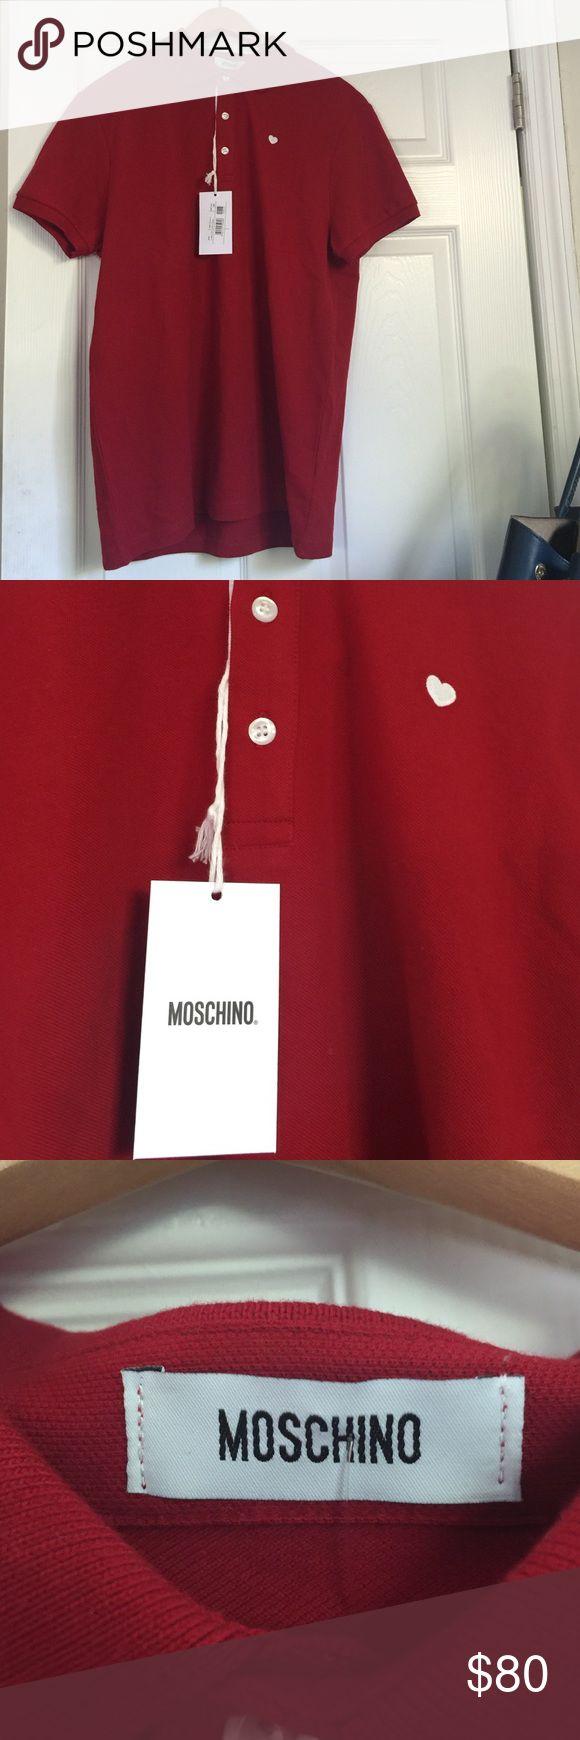 Moschino Polo Shirt Moschino- Red heart logo Polo Shirt Moschino Shirts Polos